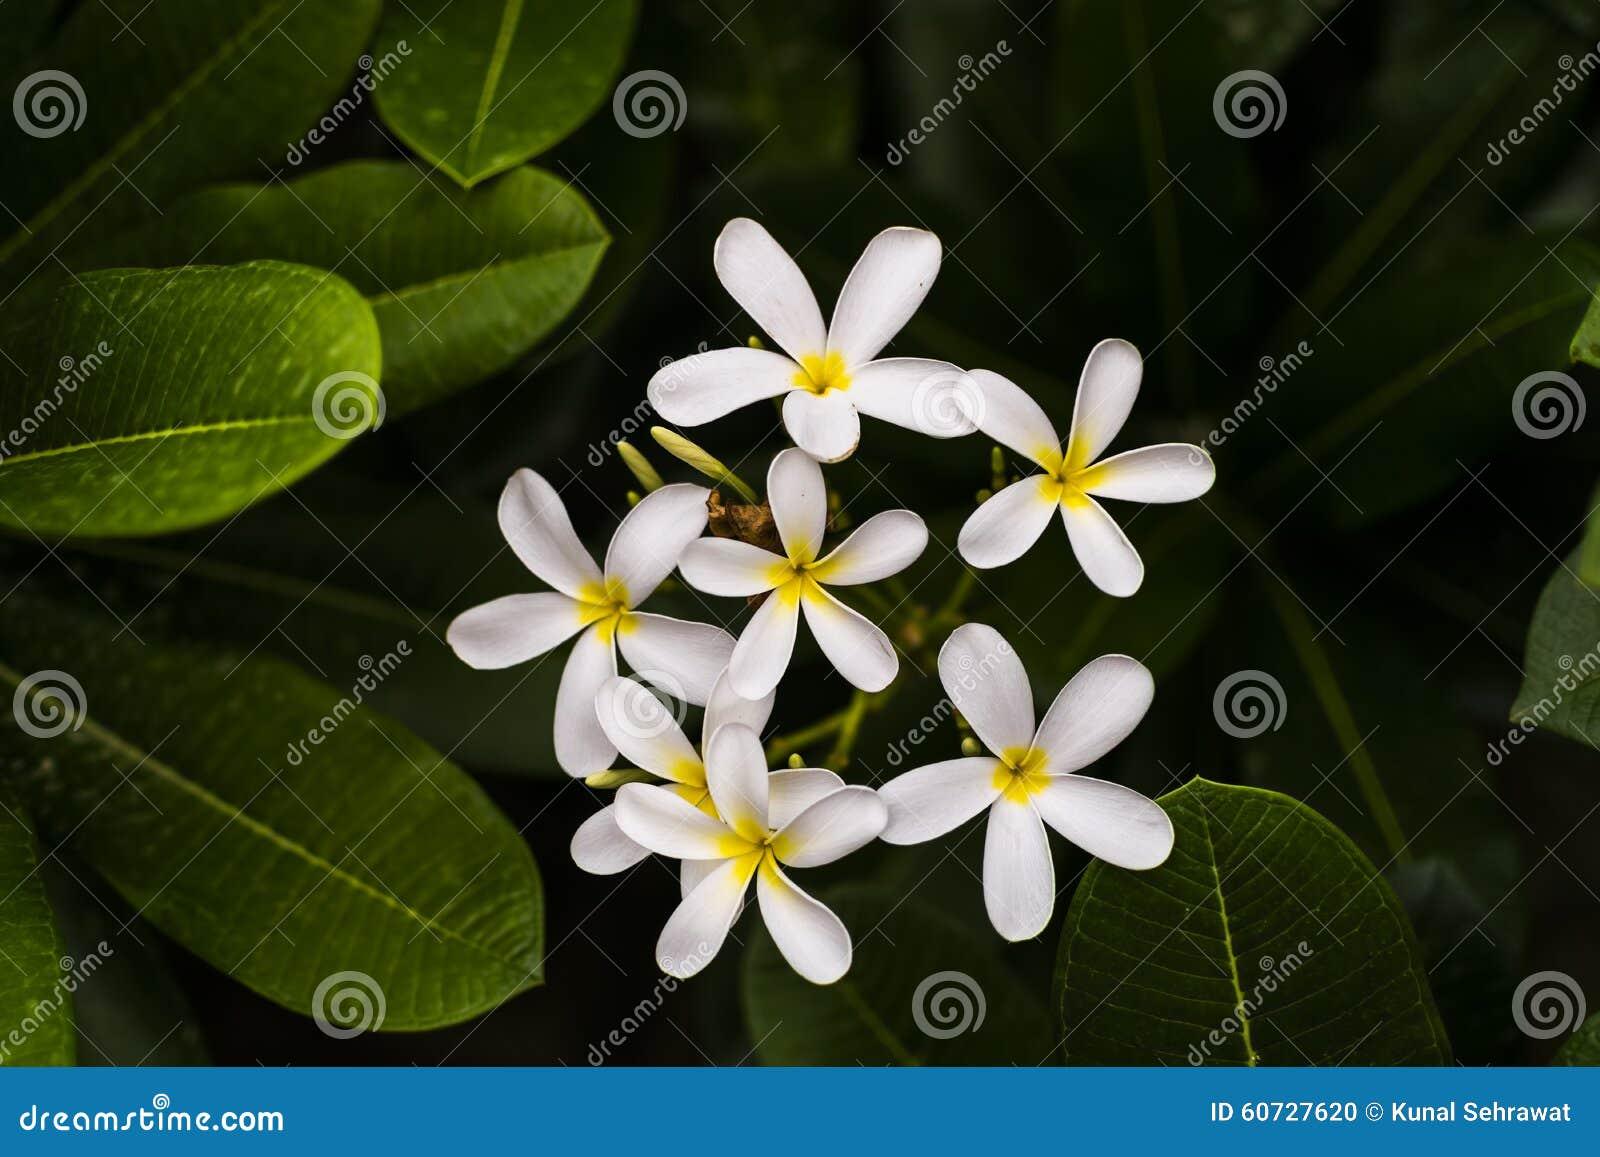 White plumeria alba frangipani or west indian jasmine flower stock white plumeria alba frangipani or west indian jasmine flower izmirmasajfo Gallery